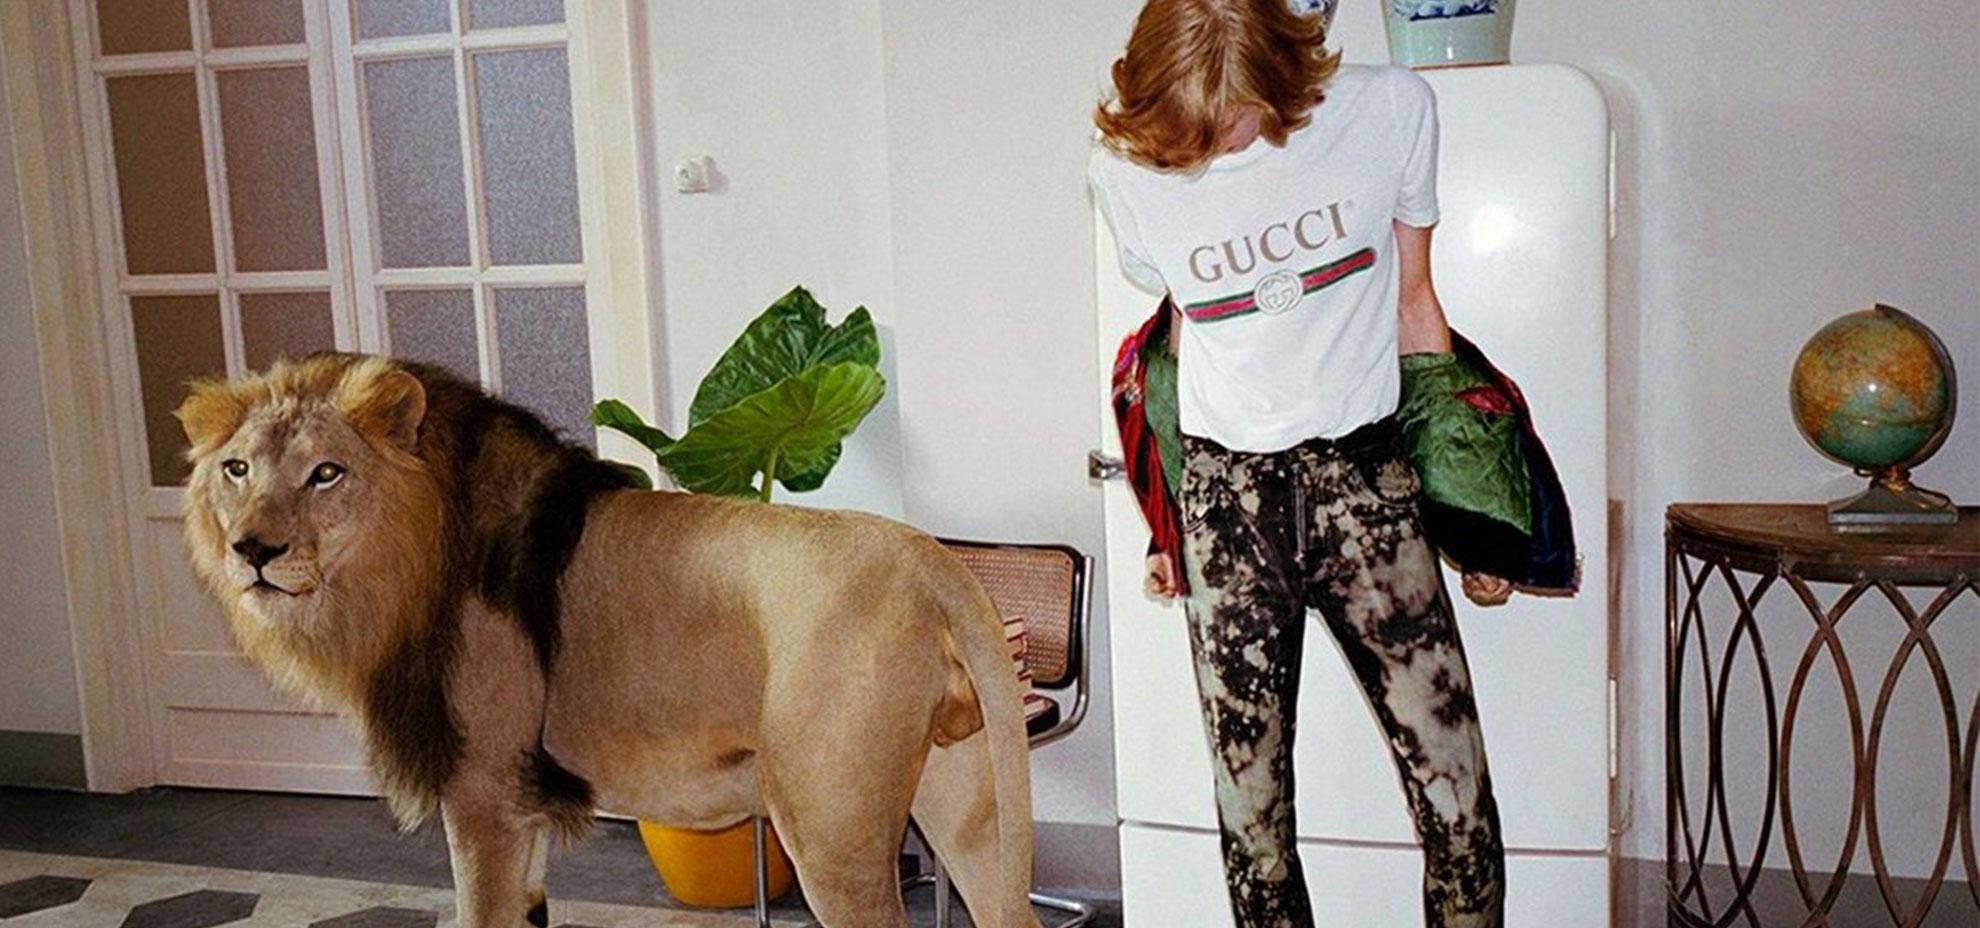 Catalogo Abbigliamento Uomo Gucci Primavera/estate 2017